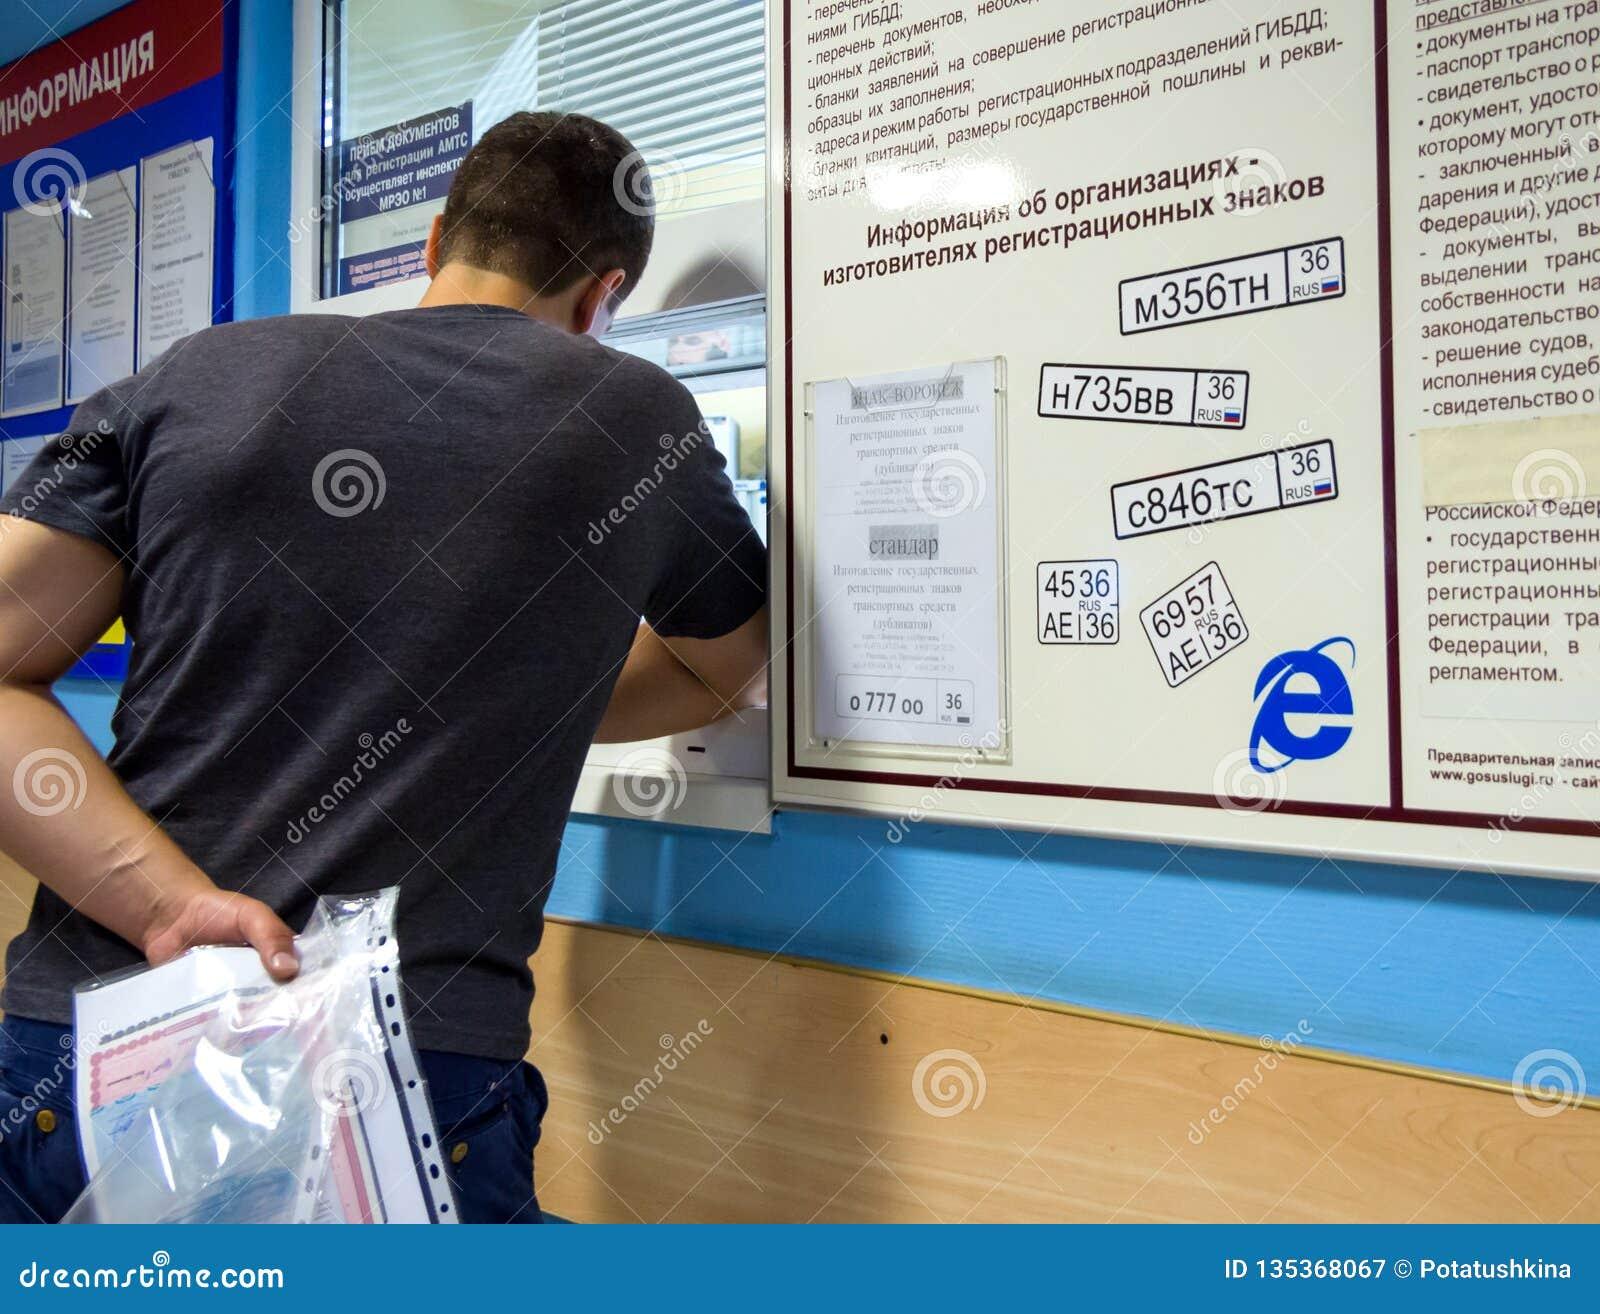 El visitante en la ventana de la aplicación placas